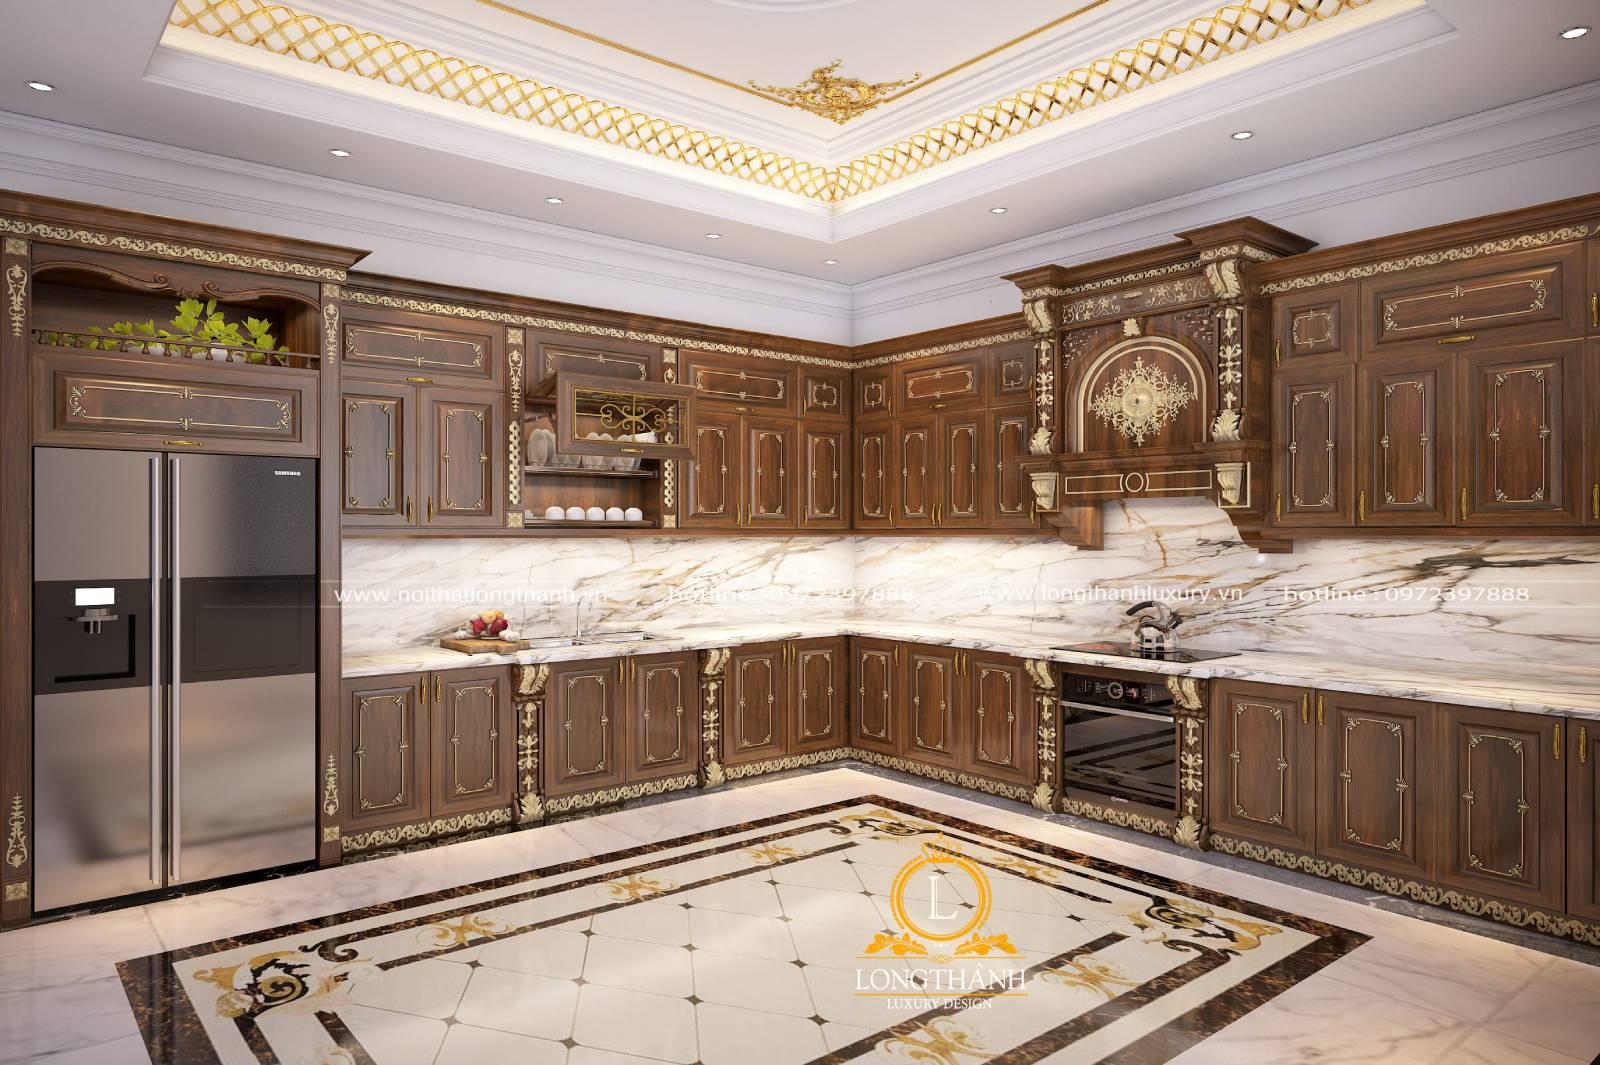 Mẫu tủ bếp gỗ Gõ chữ L mạ vàng sang trọng đẳng cấp